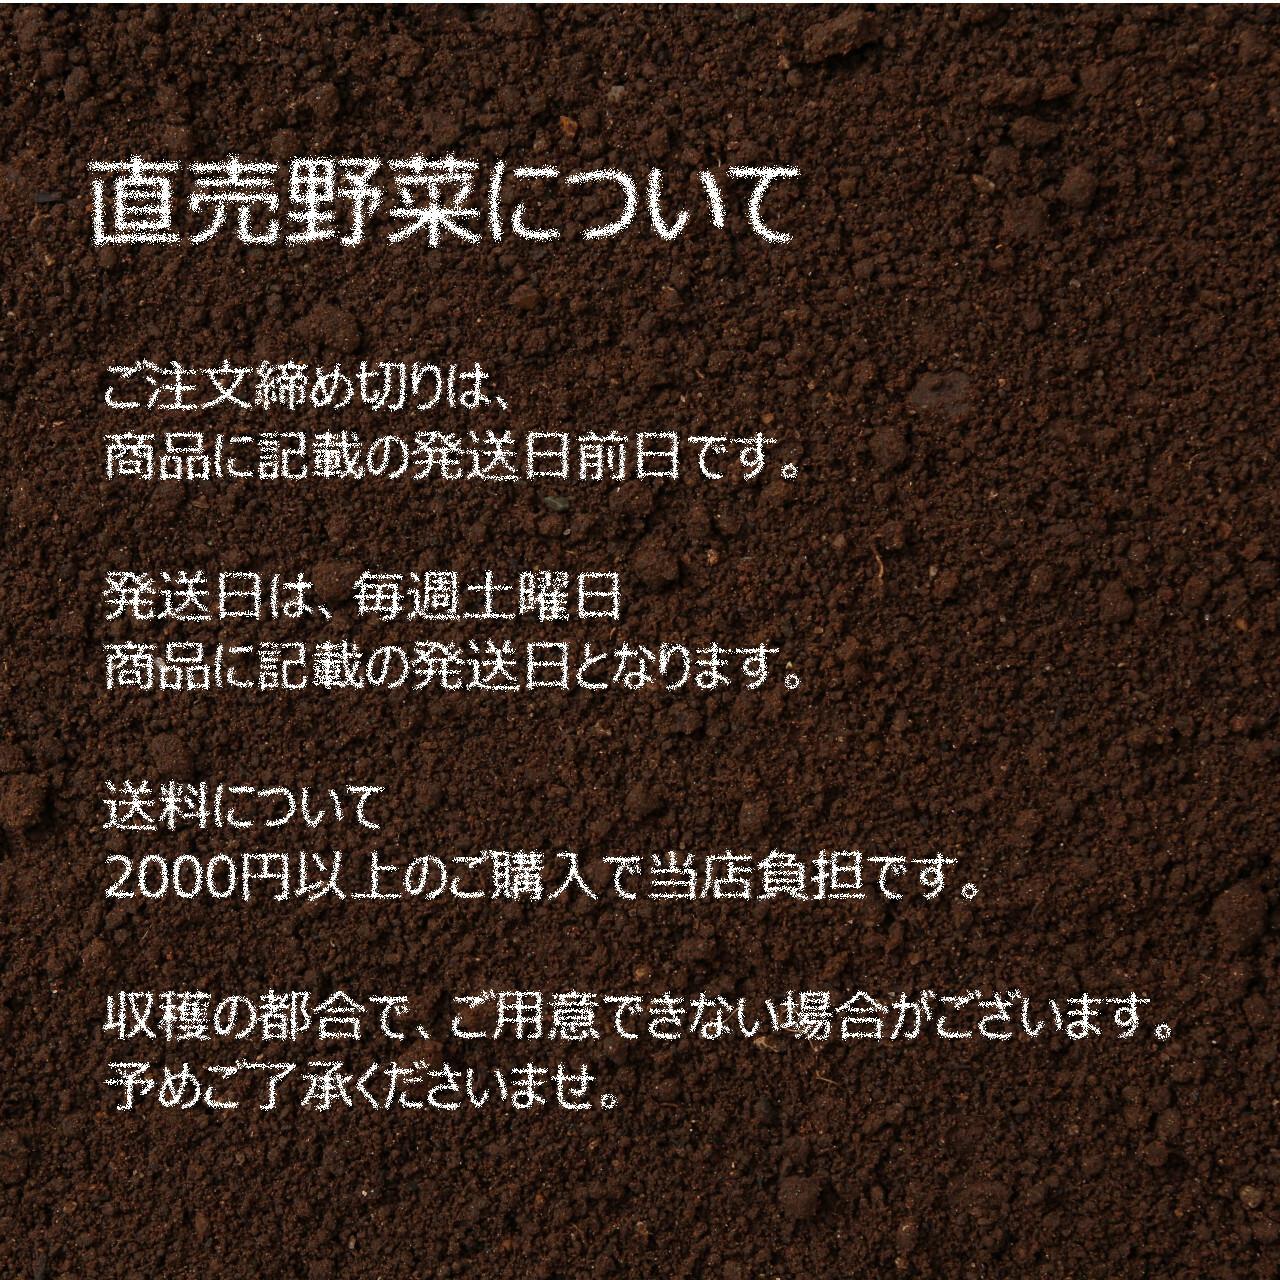 新鮮な秋野菜 : ピーマン 約250g 9月の朝採り直売野菜 9月14日発送予定